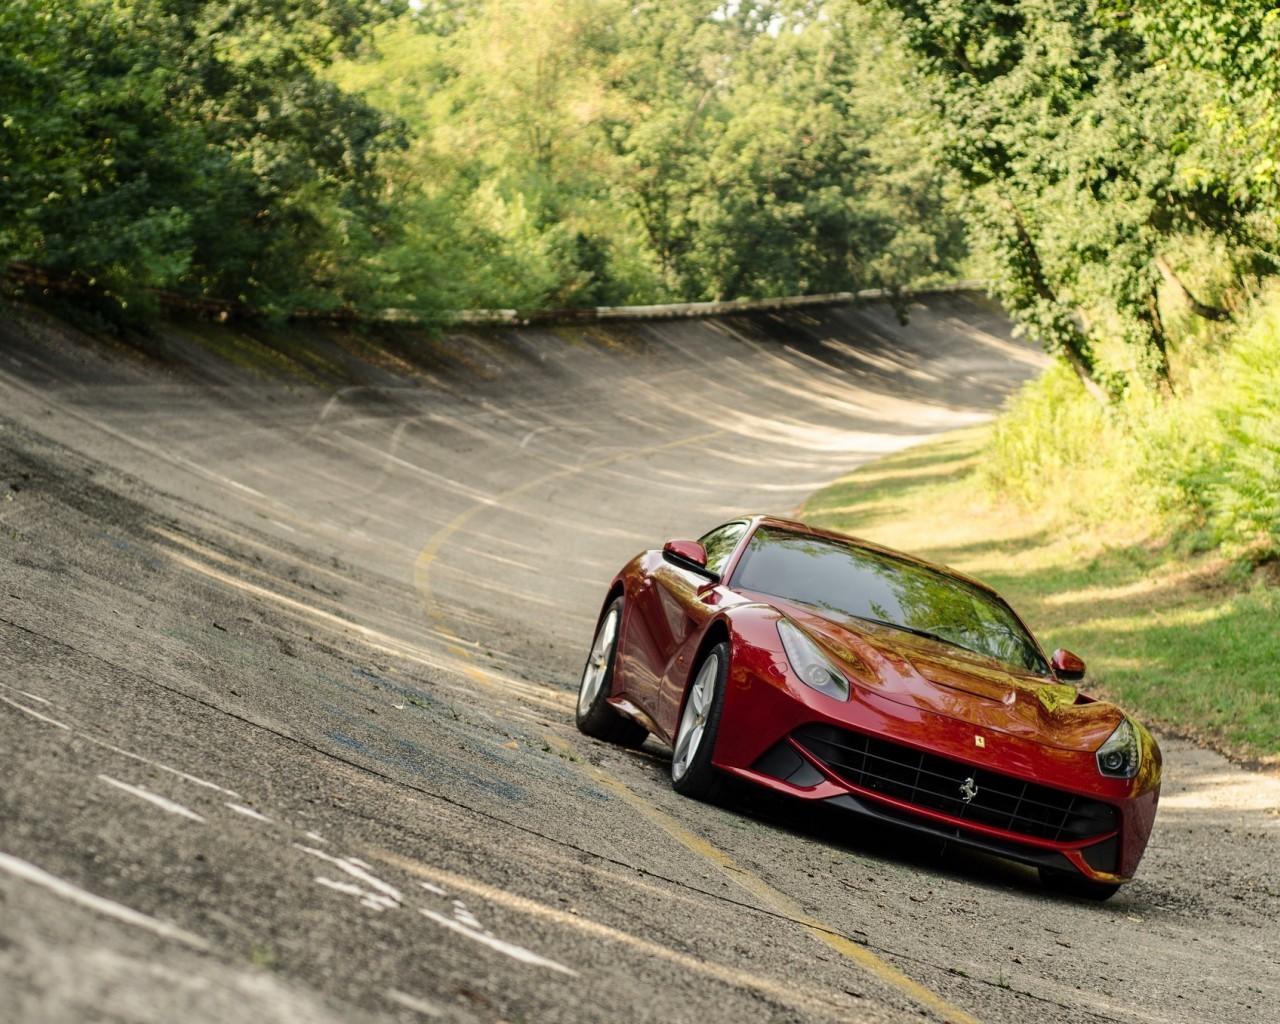 22803 скачать обои Транспорт, Машины, Дороги, Феррари (Ferrari) - заставки и картинки бесплатно